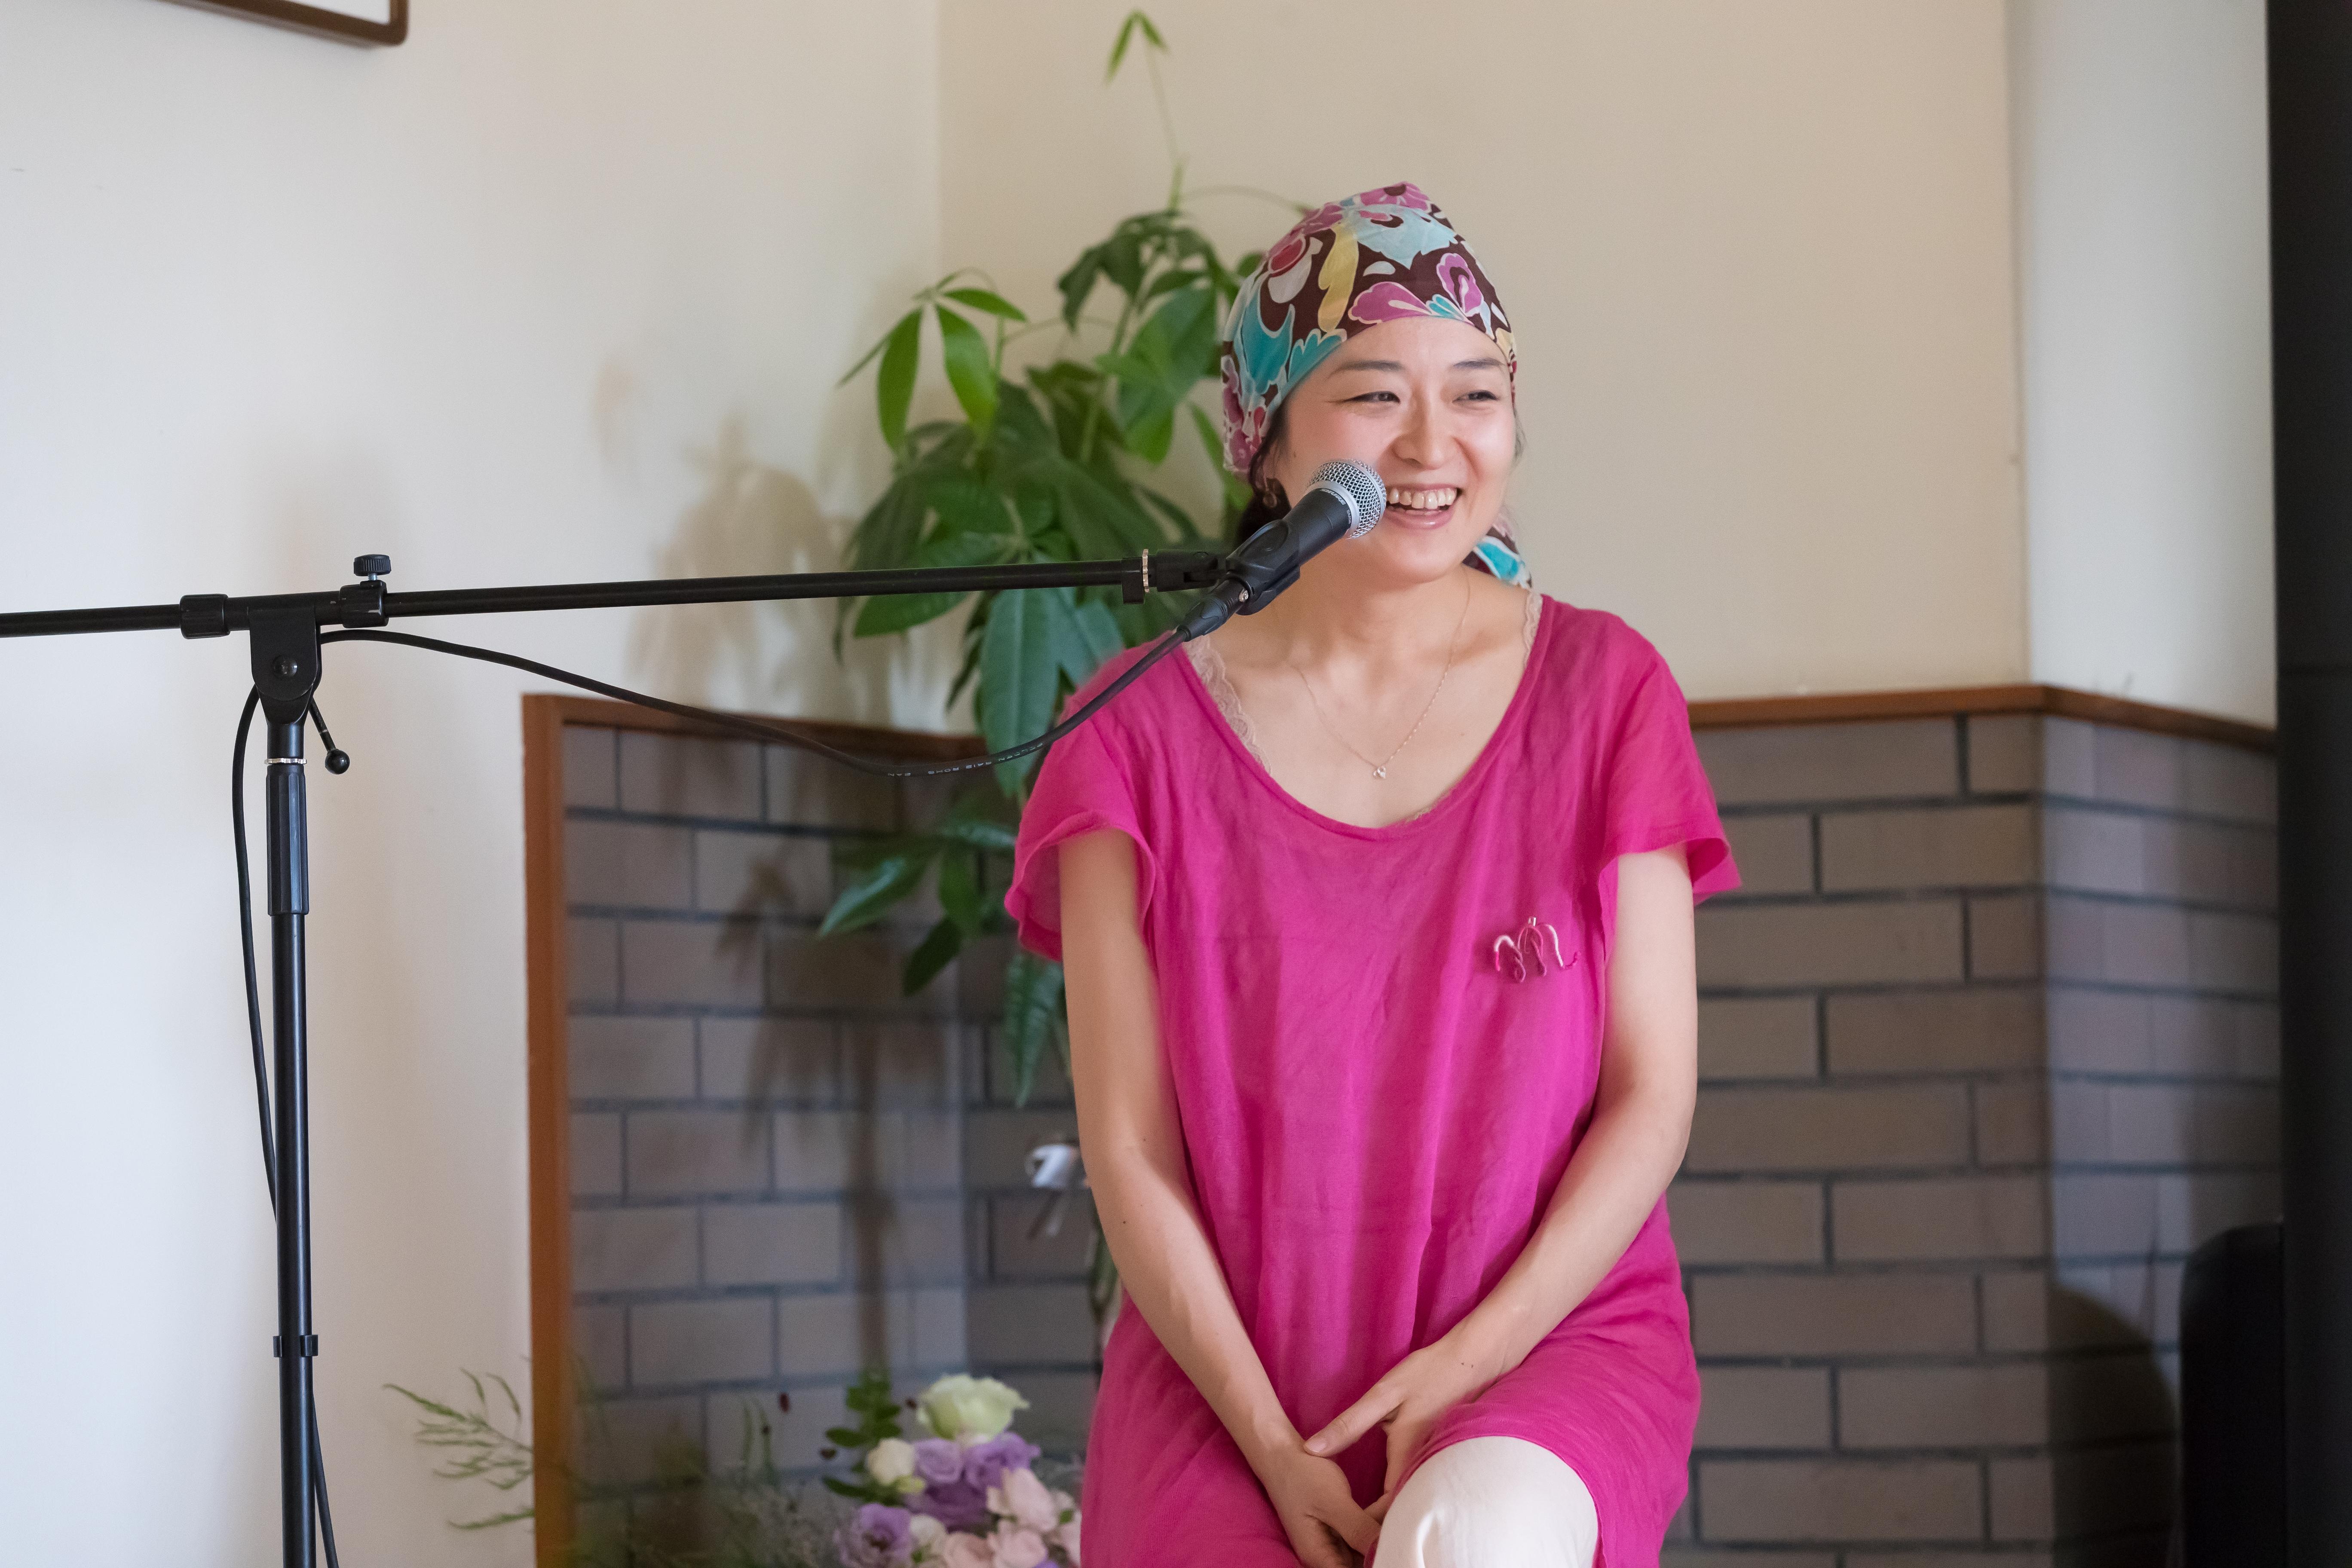 ジャズボーカリスト佐々木朝美こと、モモとしての1stミニアルバムリリース成功キャンペーン!